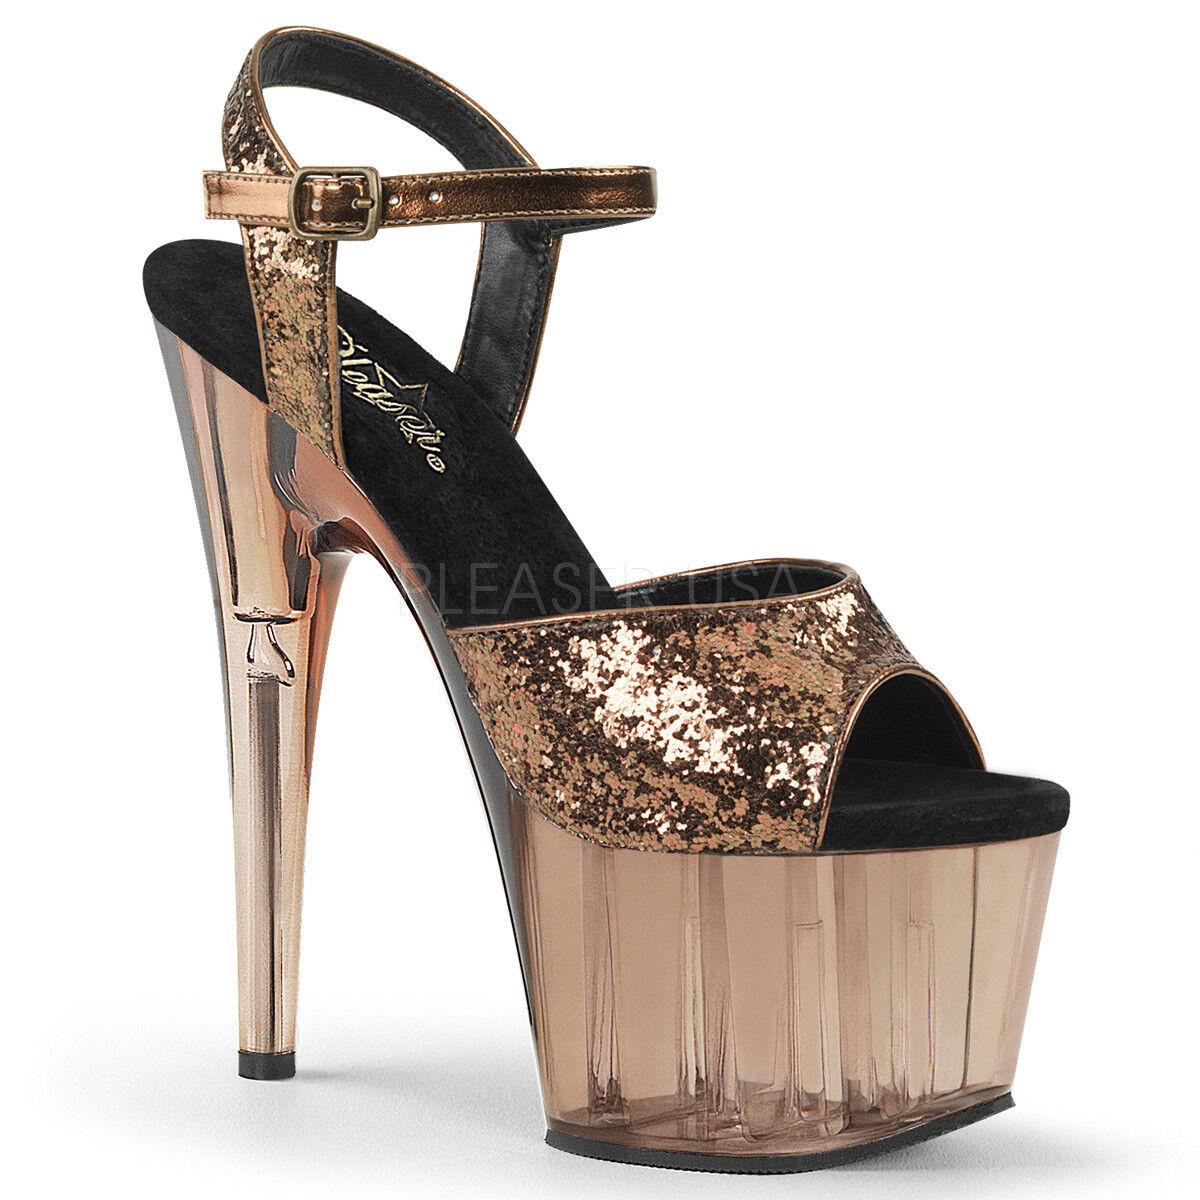 Pleaser ADORE-710GT Damenschuhe Light Bronze Glitter Tinted High Heel Platform Sandale